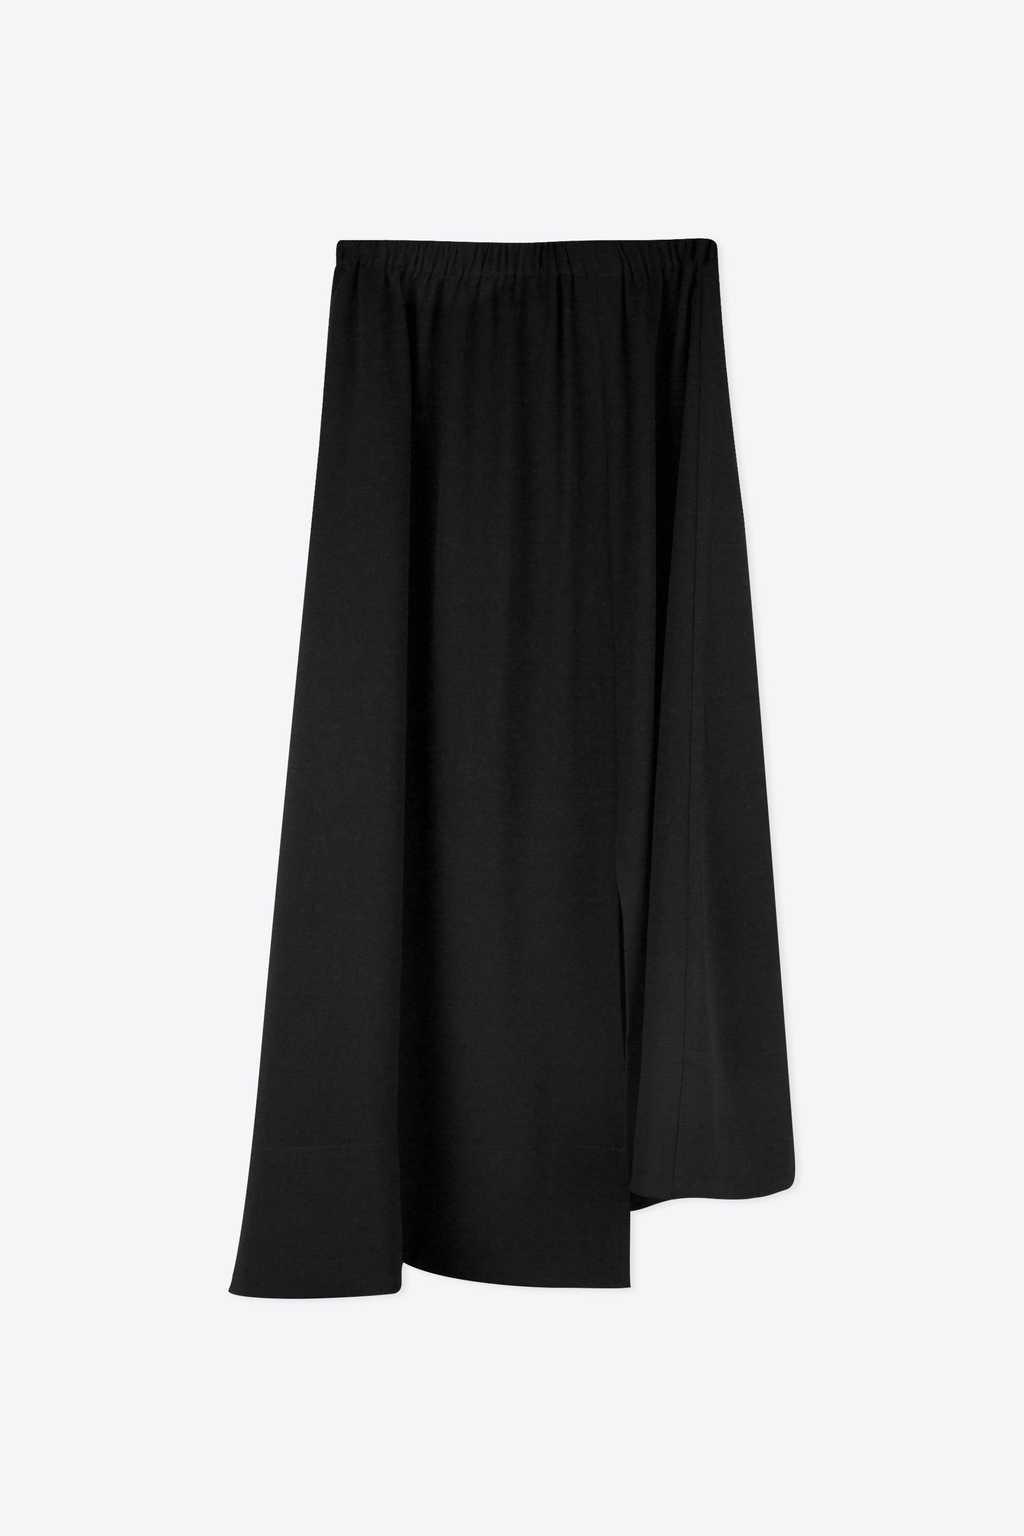 Skirt 1397 Black 16